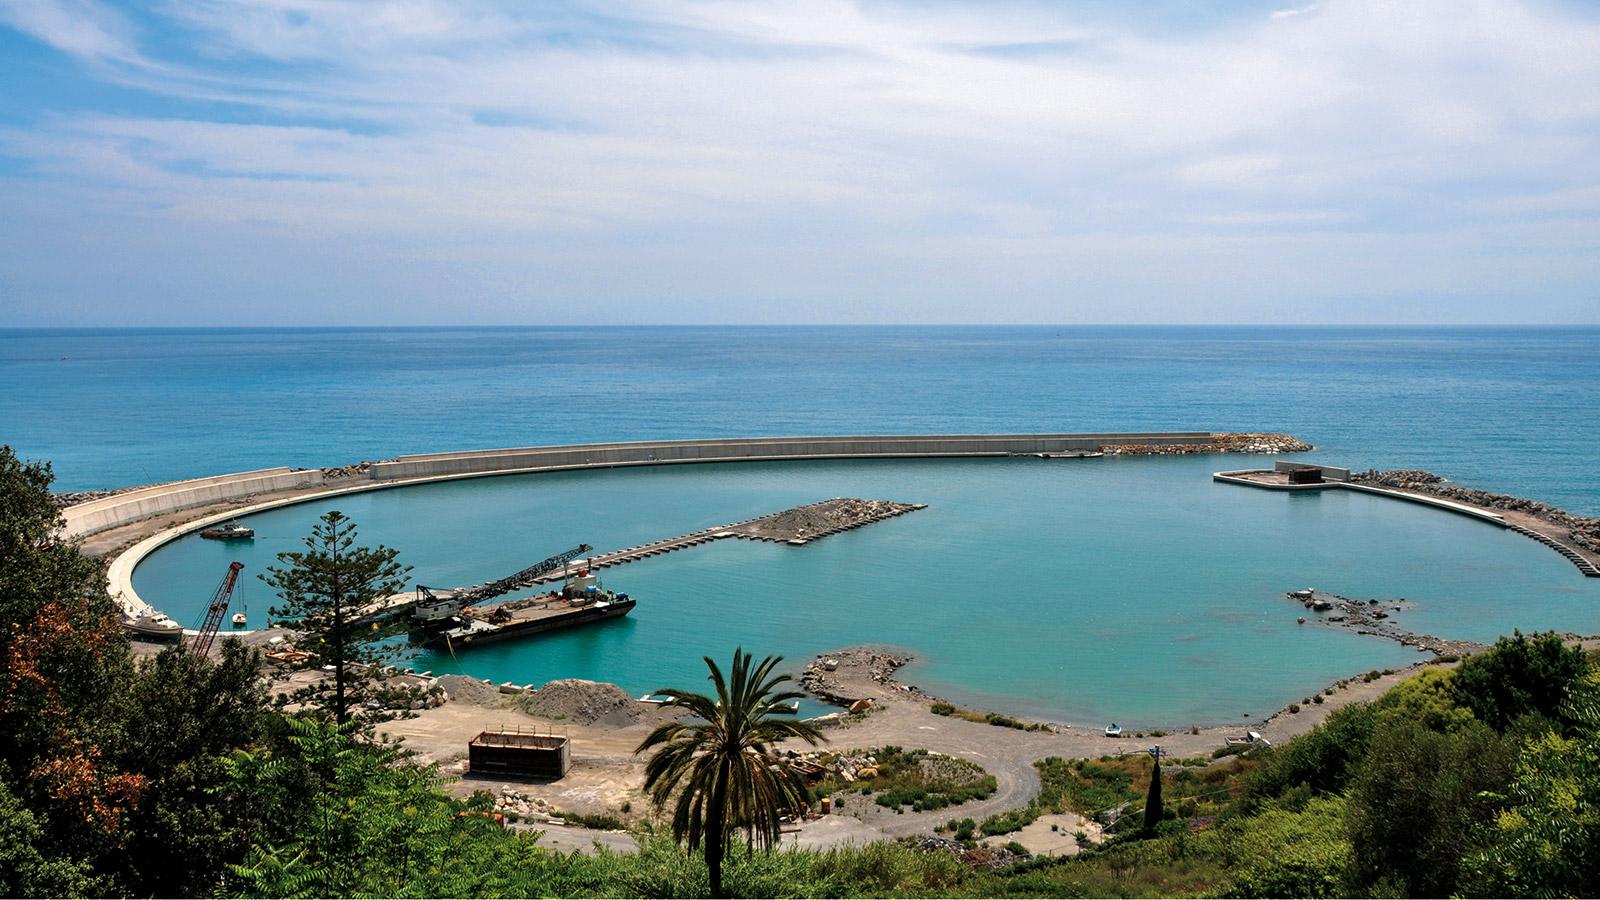 Le port de vintimille rena t de ses cendres l - Distance en milles nautiques entre 2 ports ...